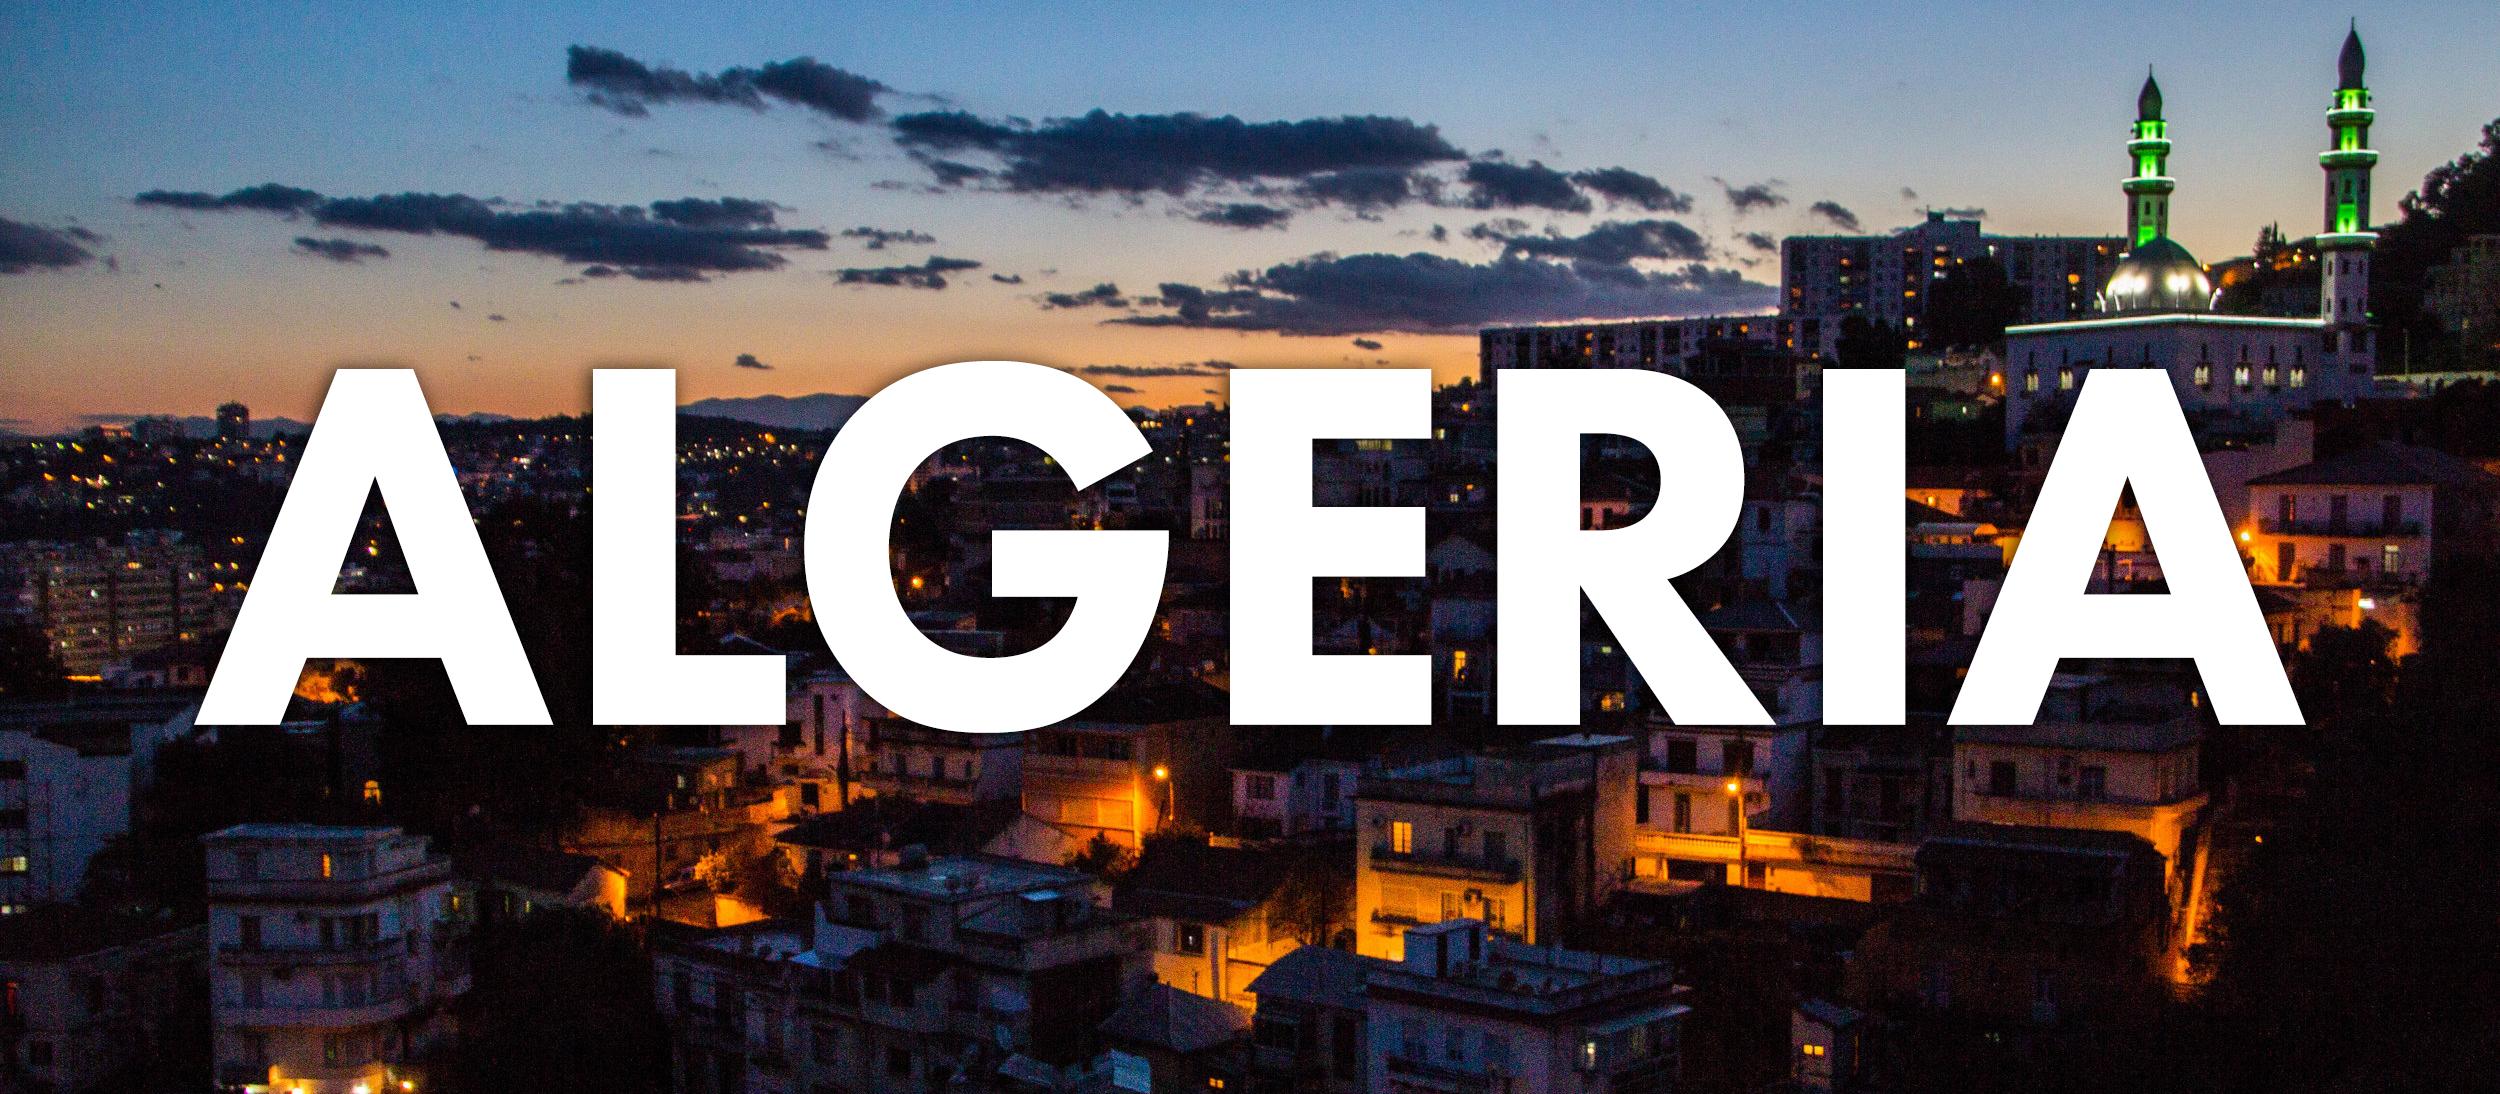 ALGERIA-PBAPGB-16-7.png